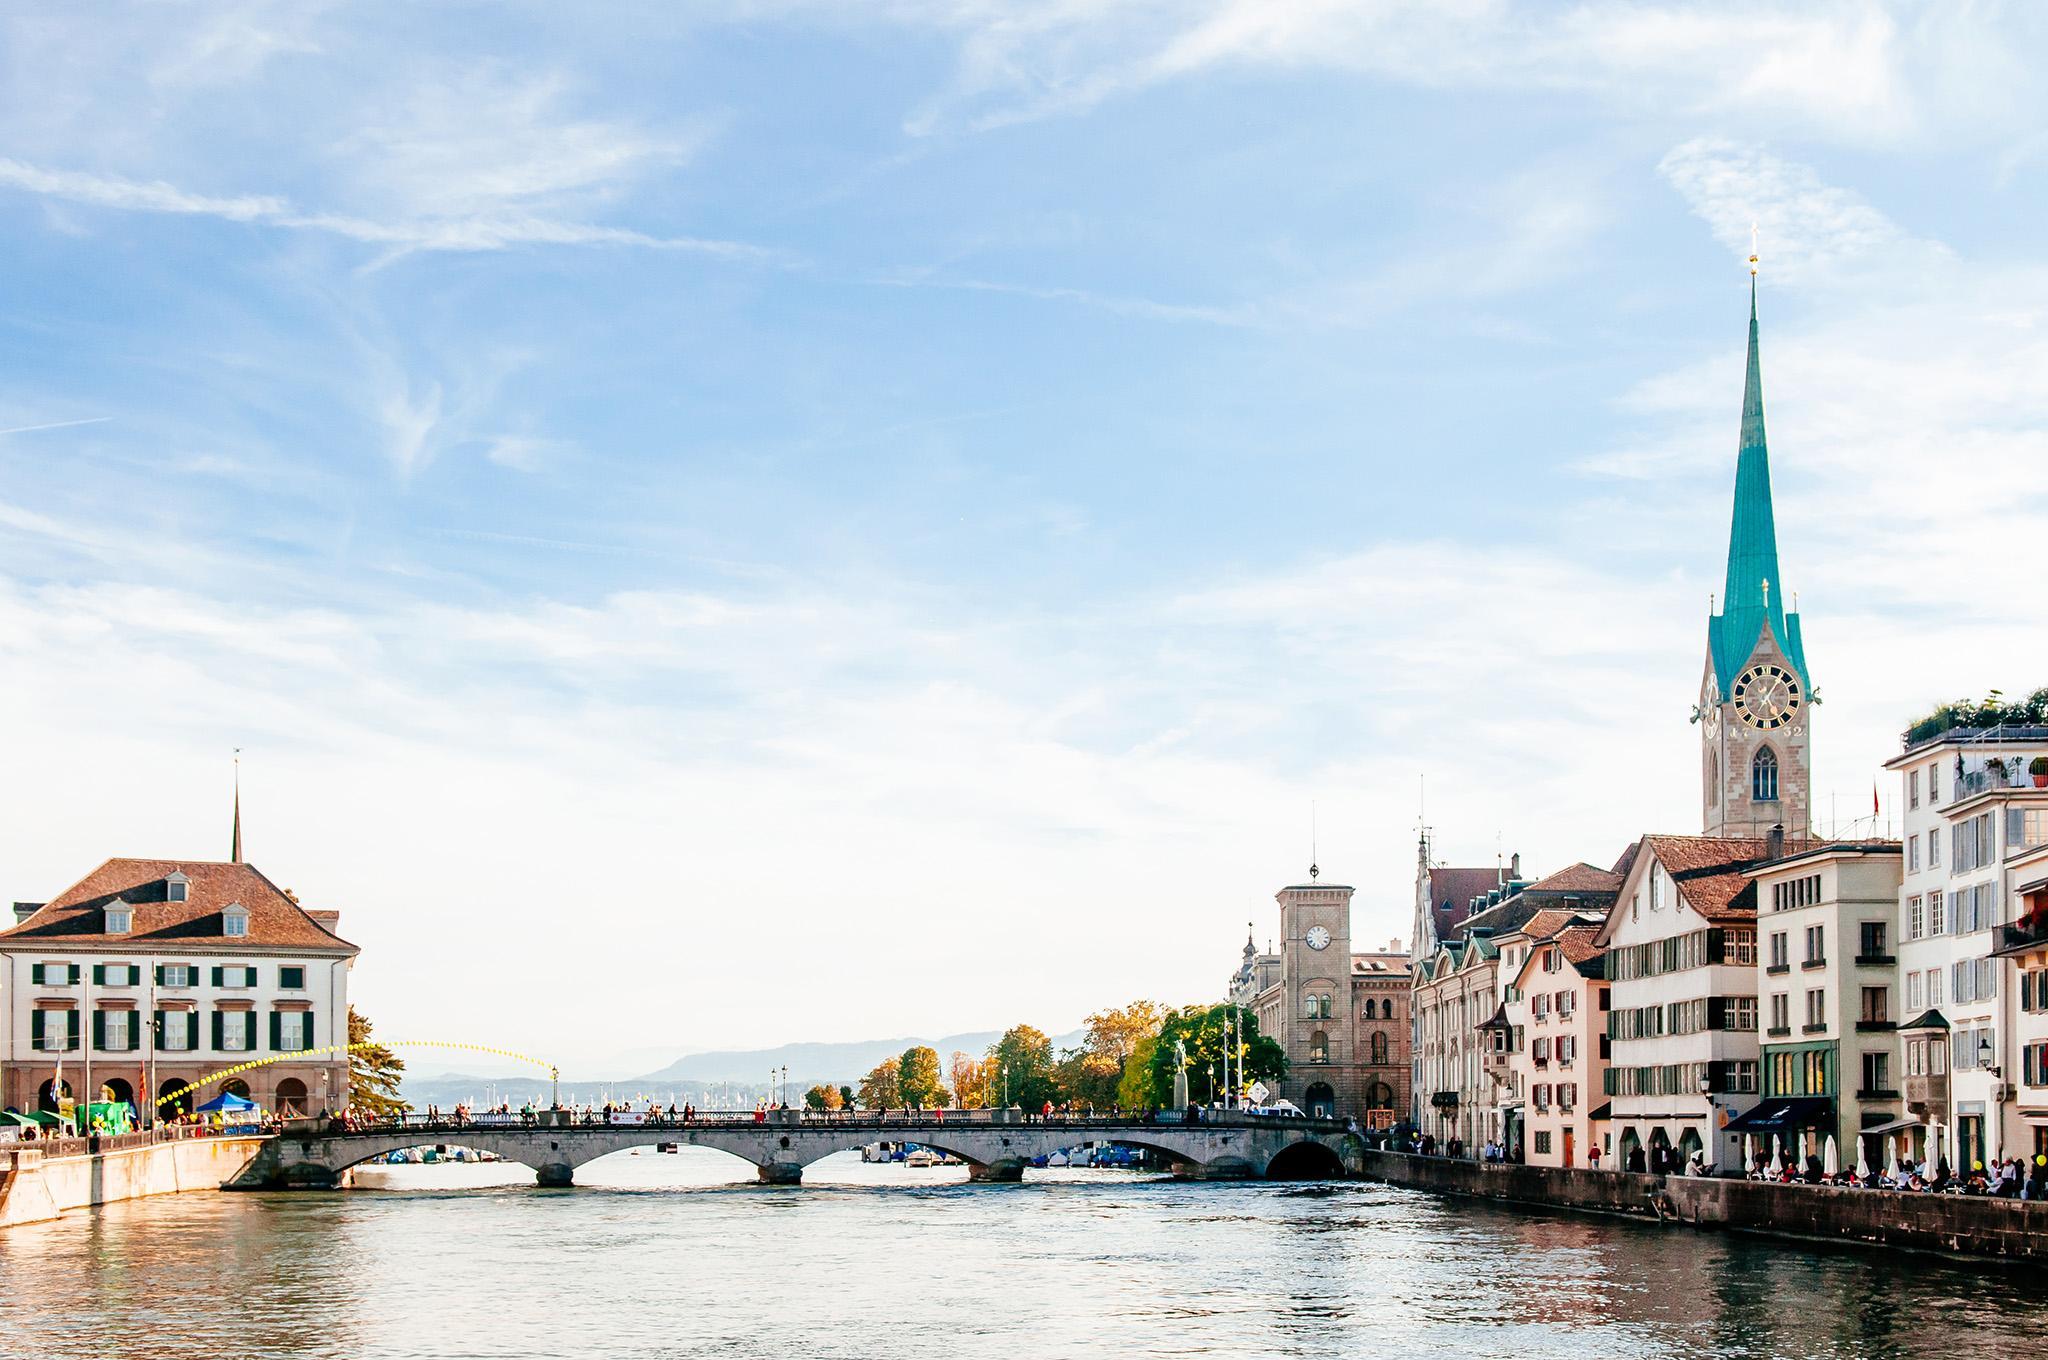 2. Zurich, Switzerland